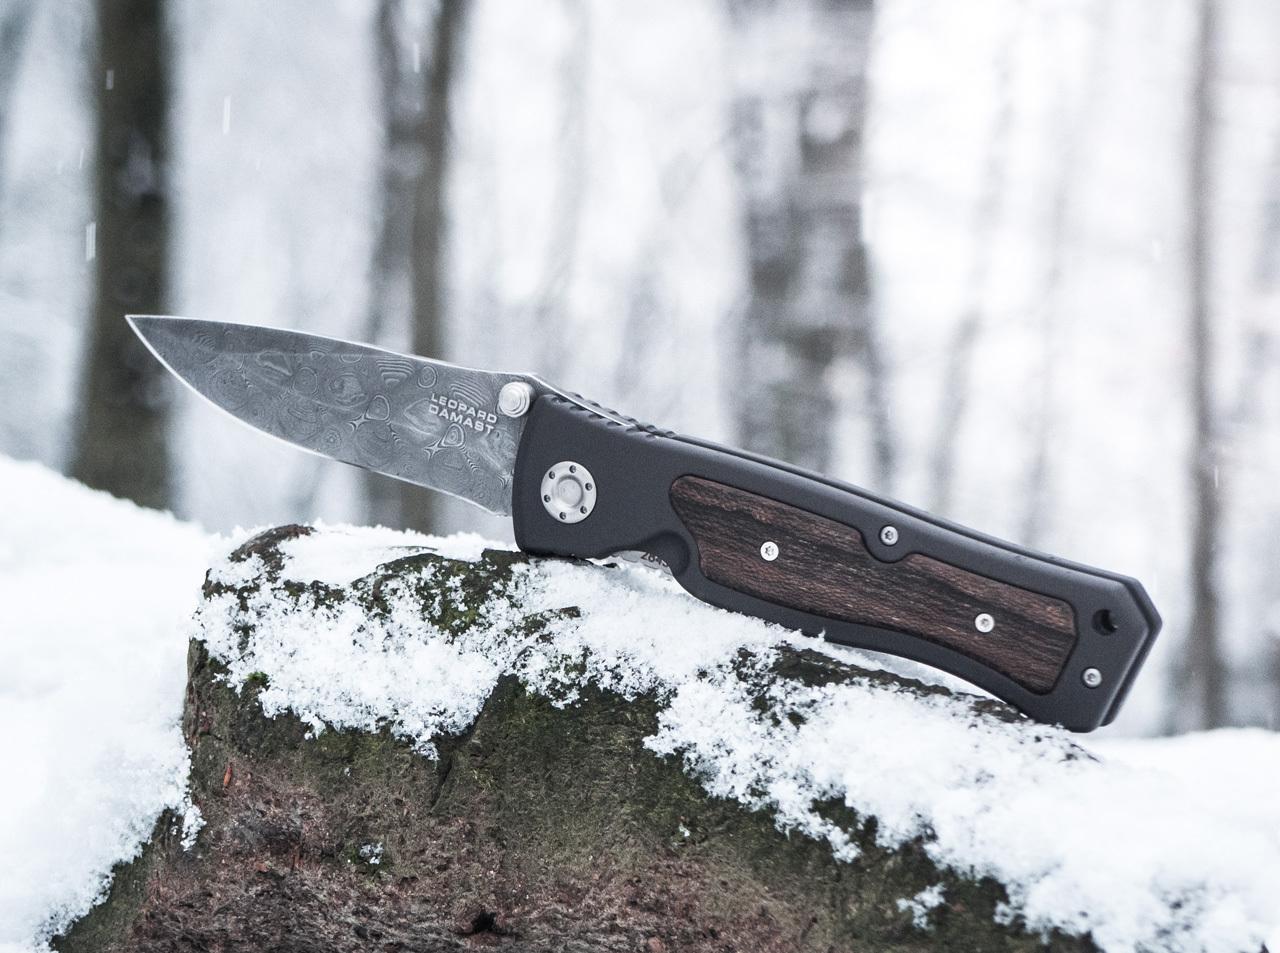 Фото 10 - Нож складной Leopard Damascus II - Boker 111054DAM, дамасская сталь Plain, рукоять анодированный алюминий/дерево, коричневый